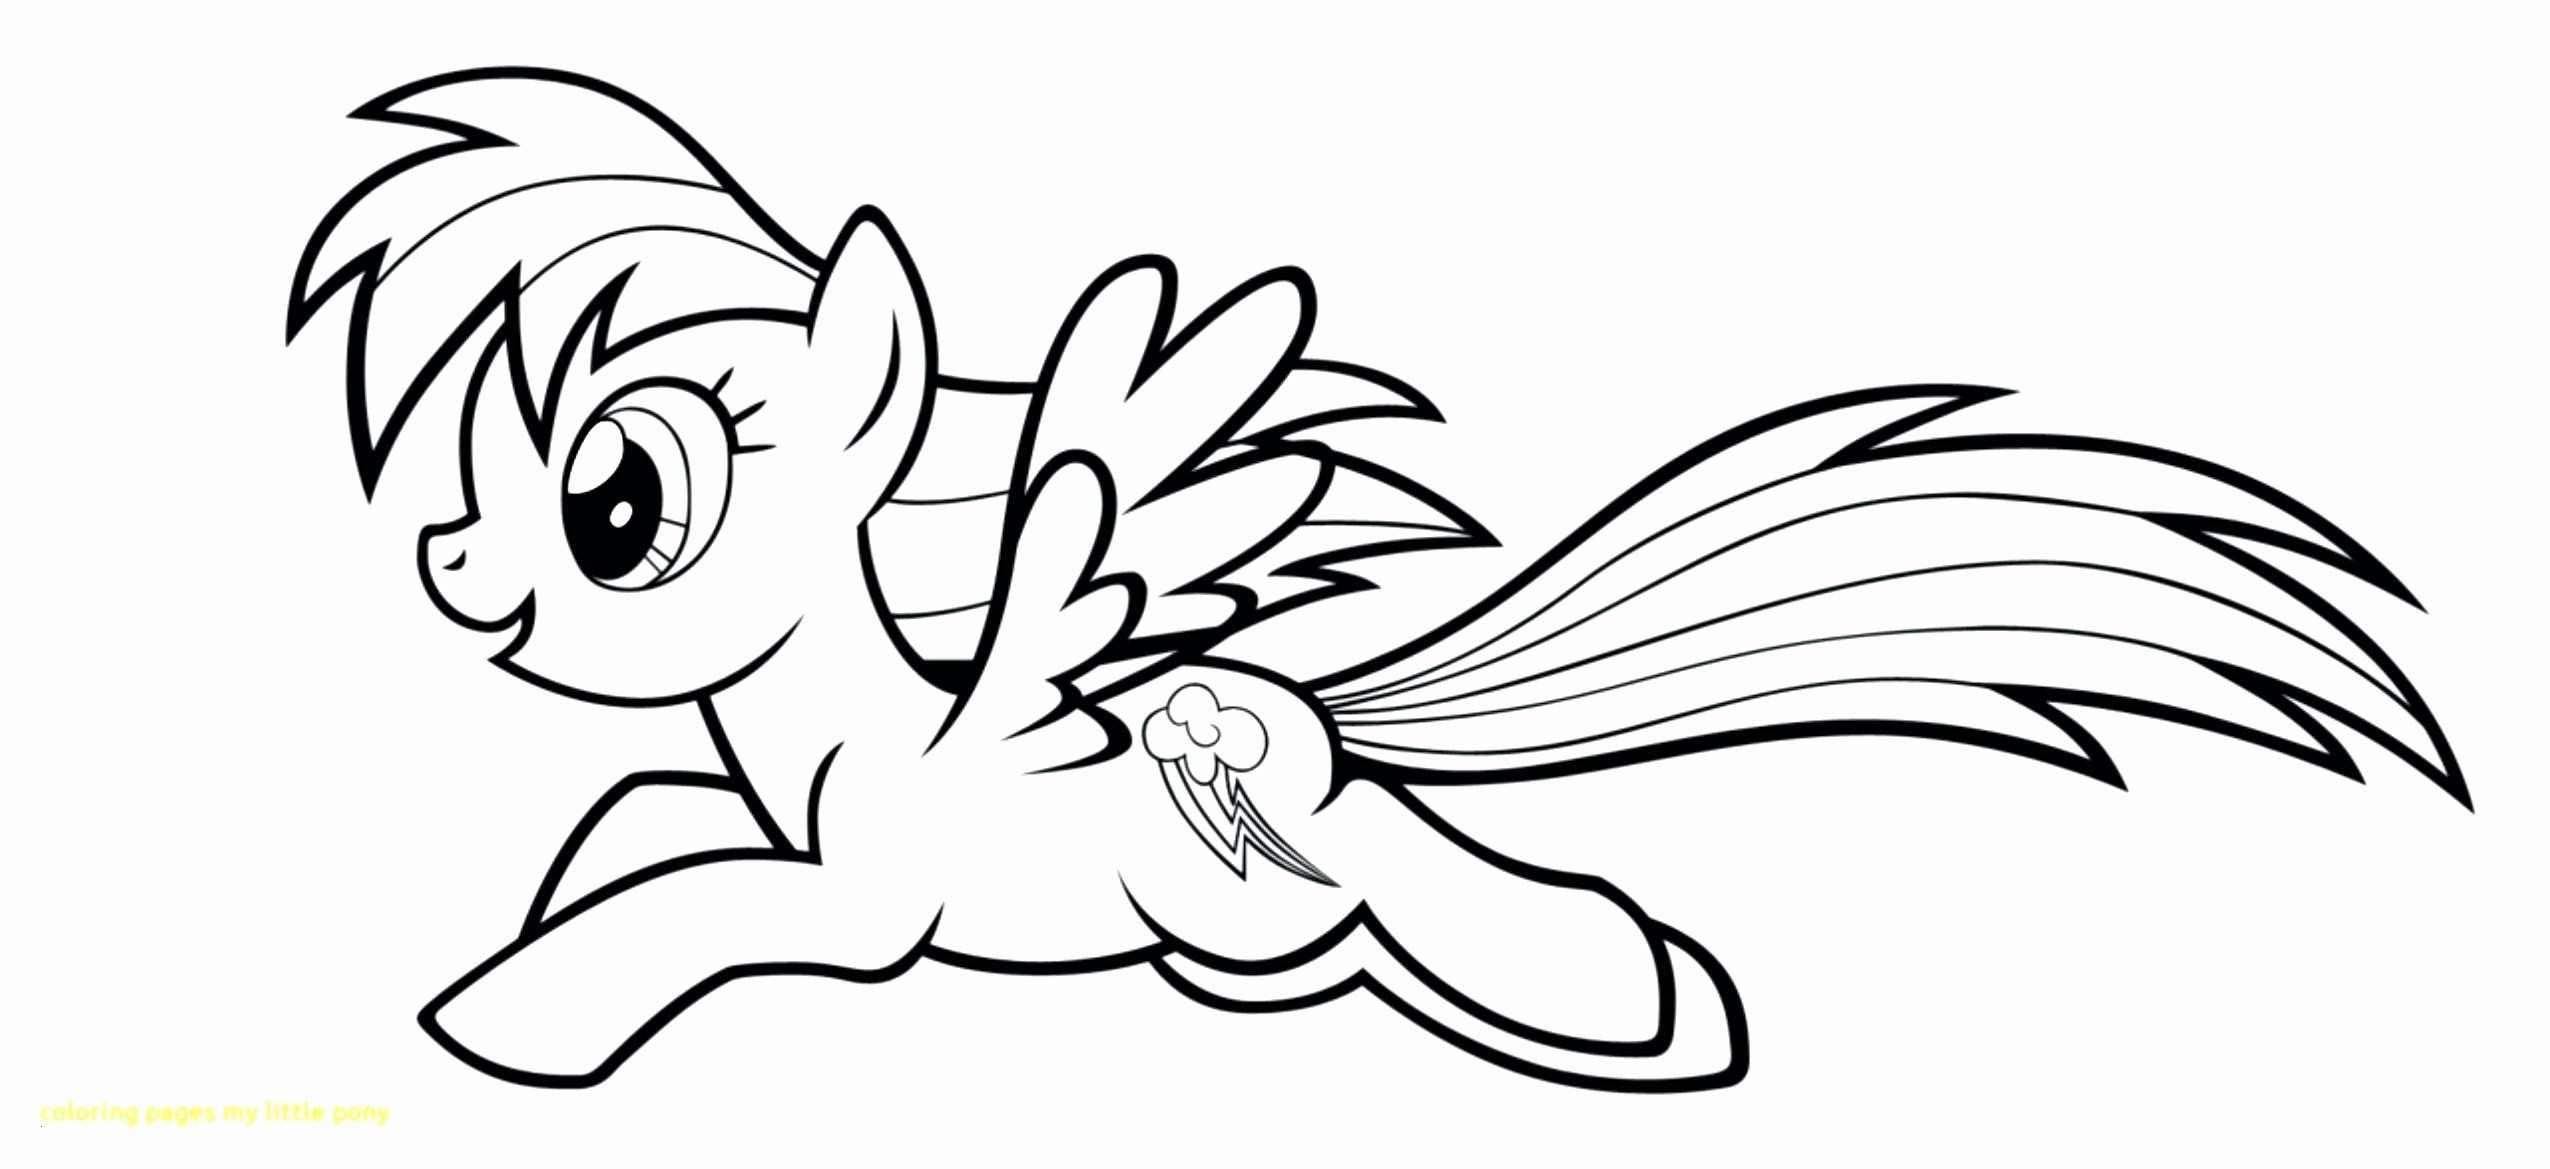 My Little Pony Rainbow Dash Ausmalbilder Genial Rainbow Dash Coloring Pages New My Little Pony Coloring Pages Best Das Bild